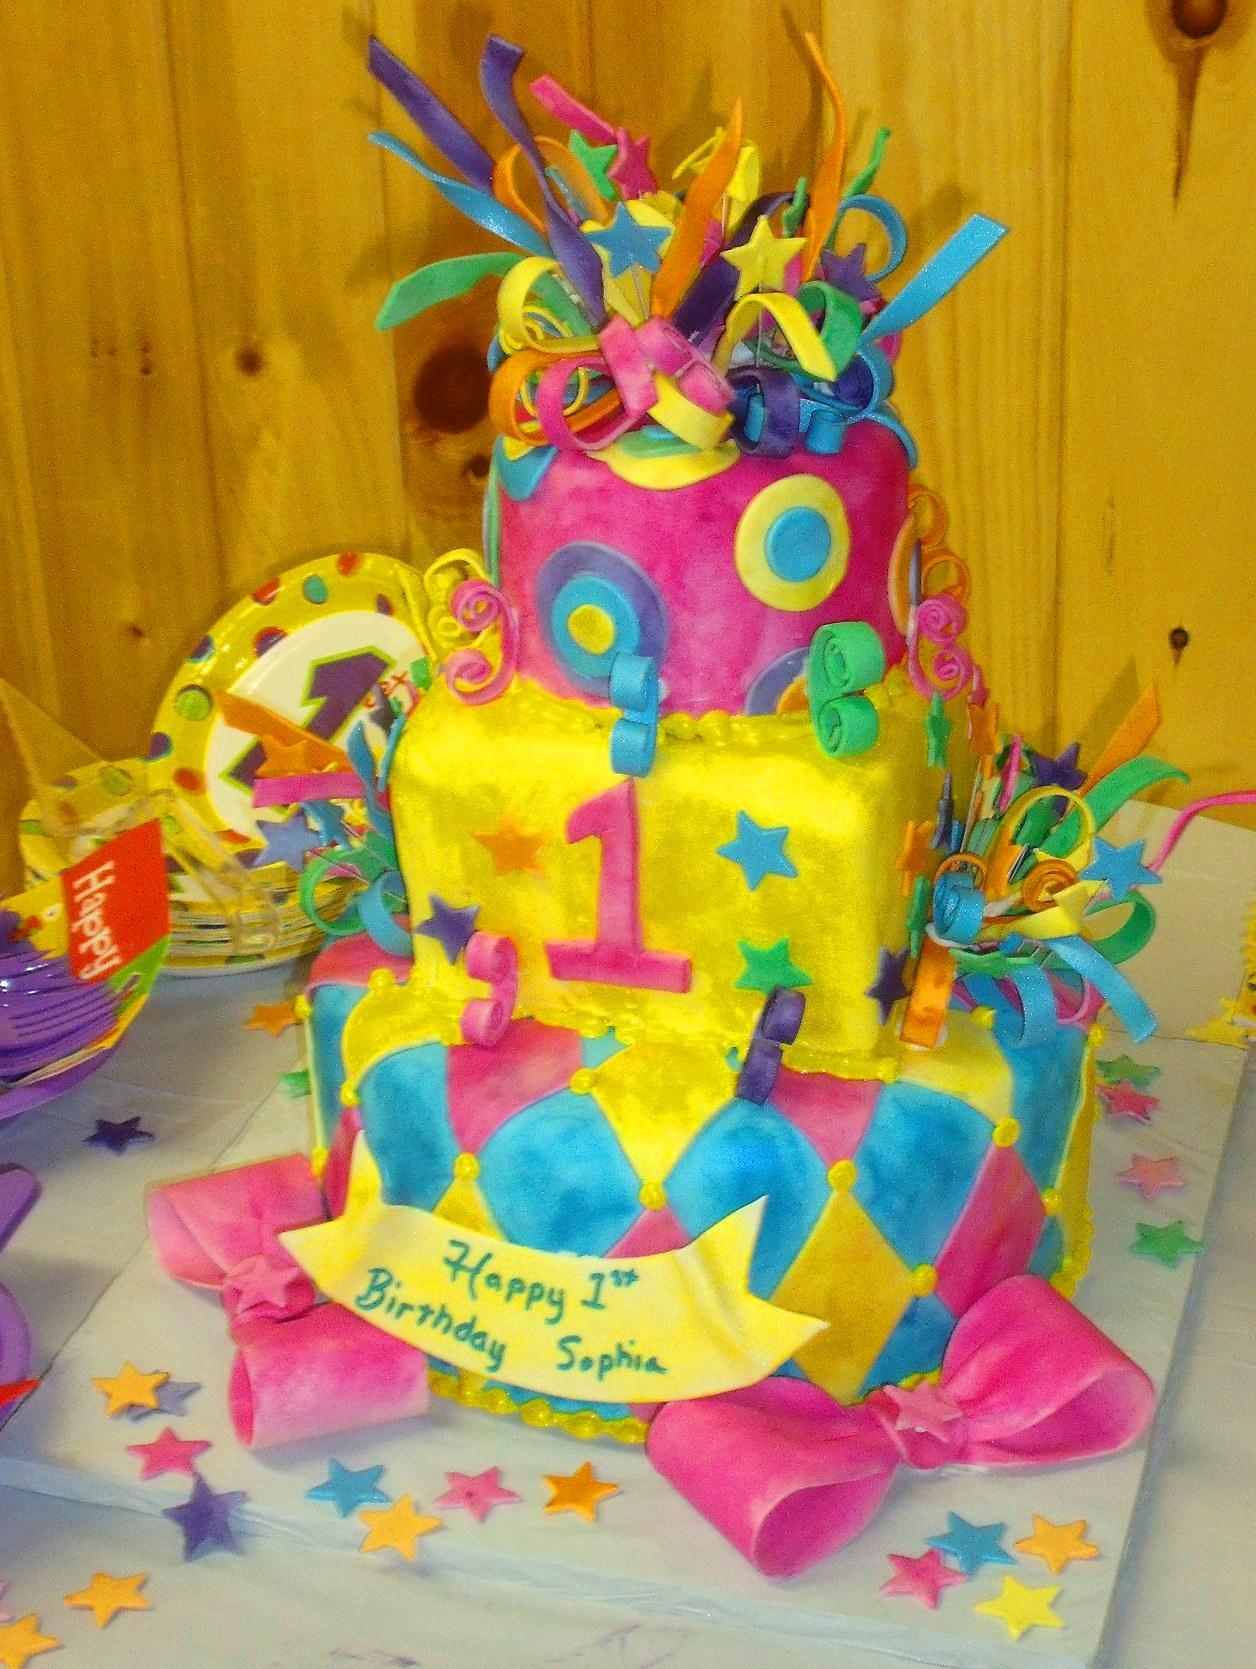 Mardi Gras Tier Cakes